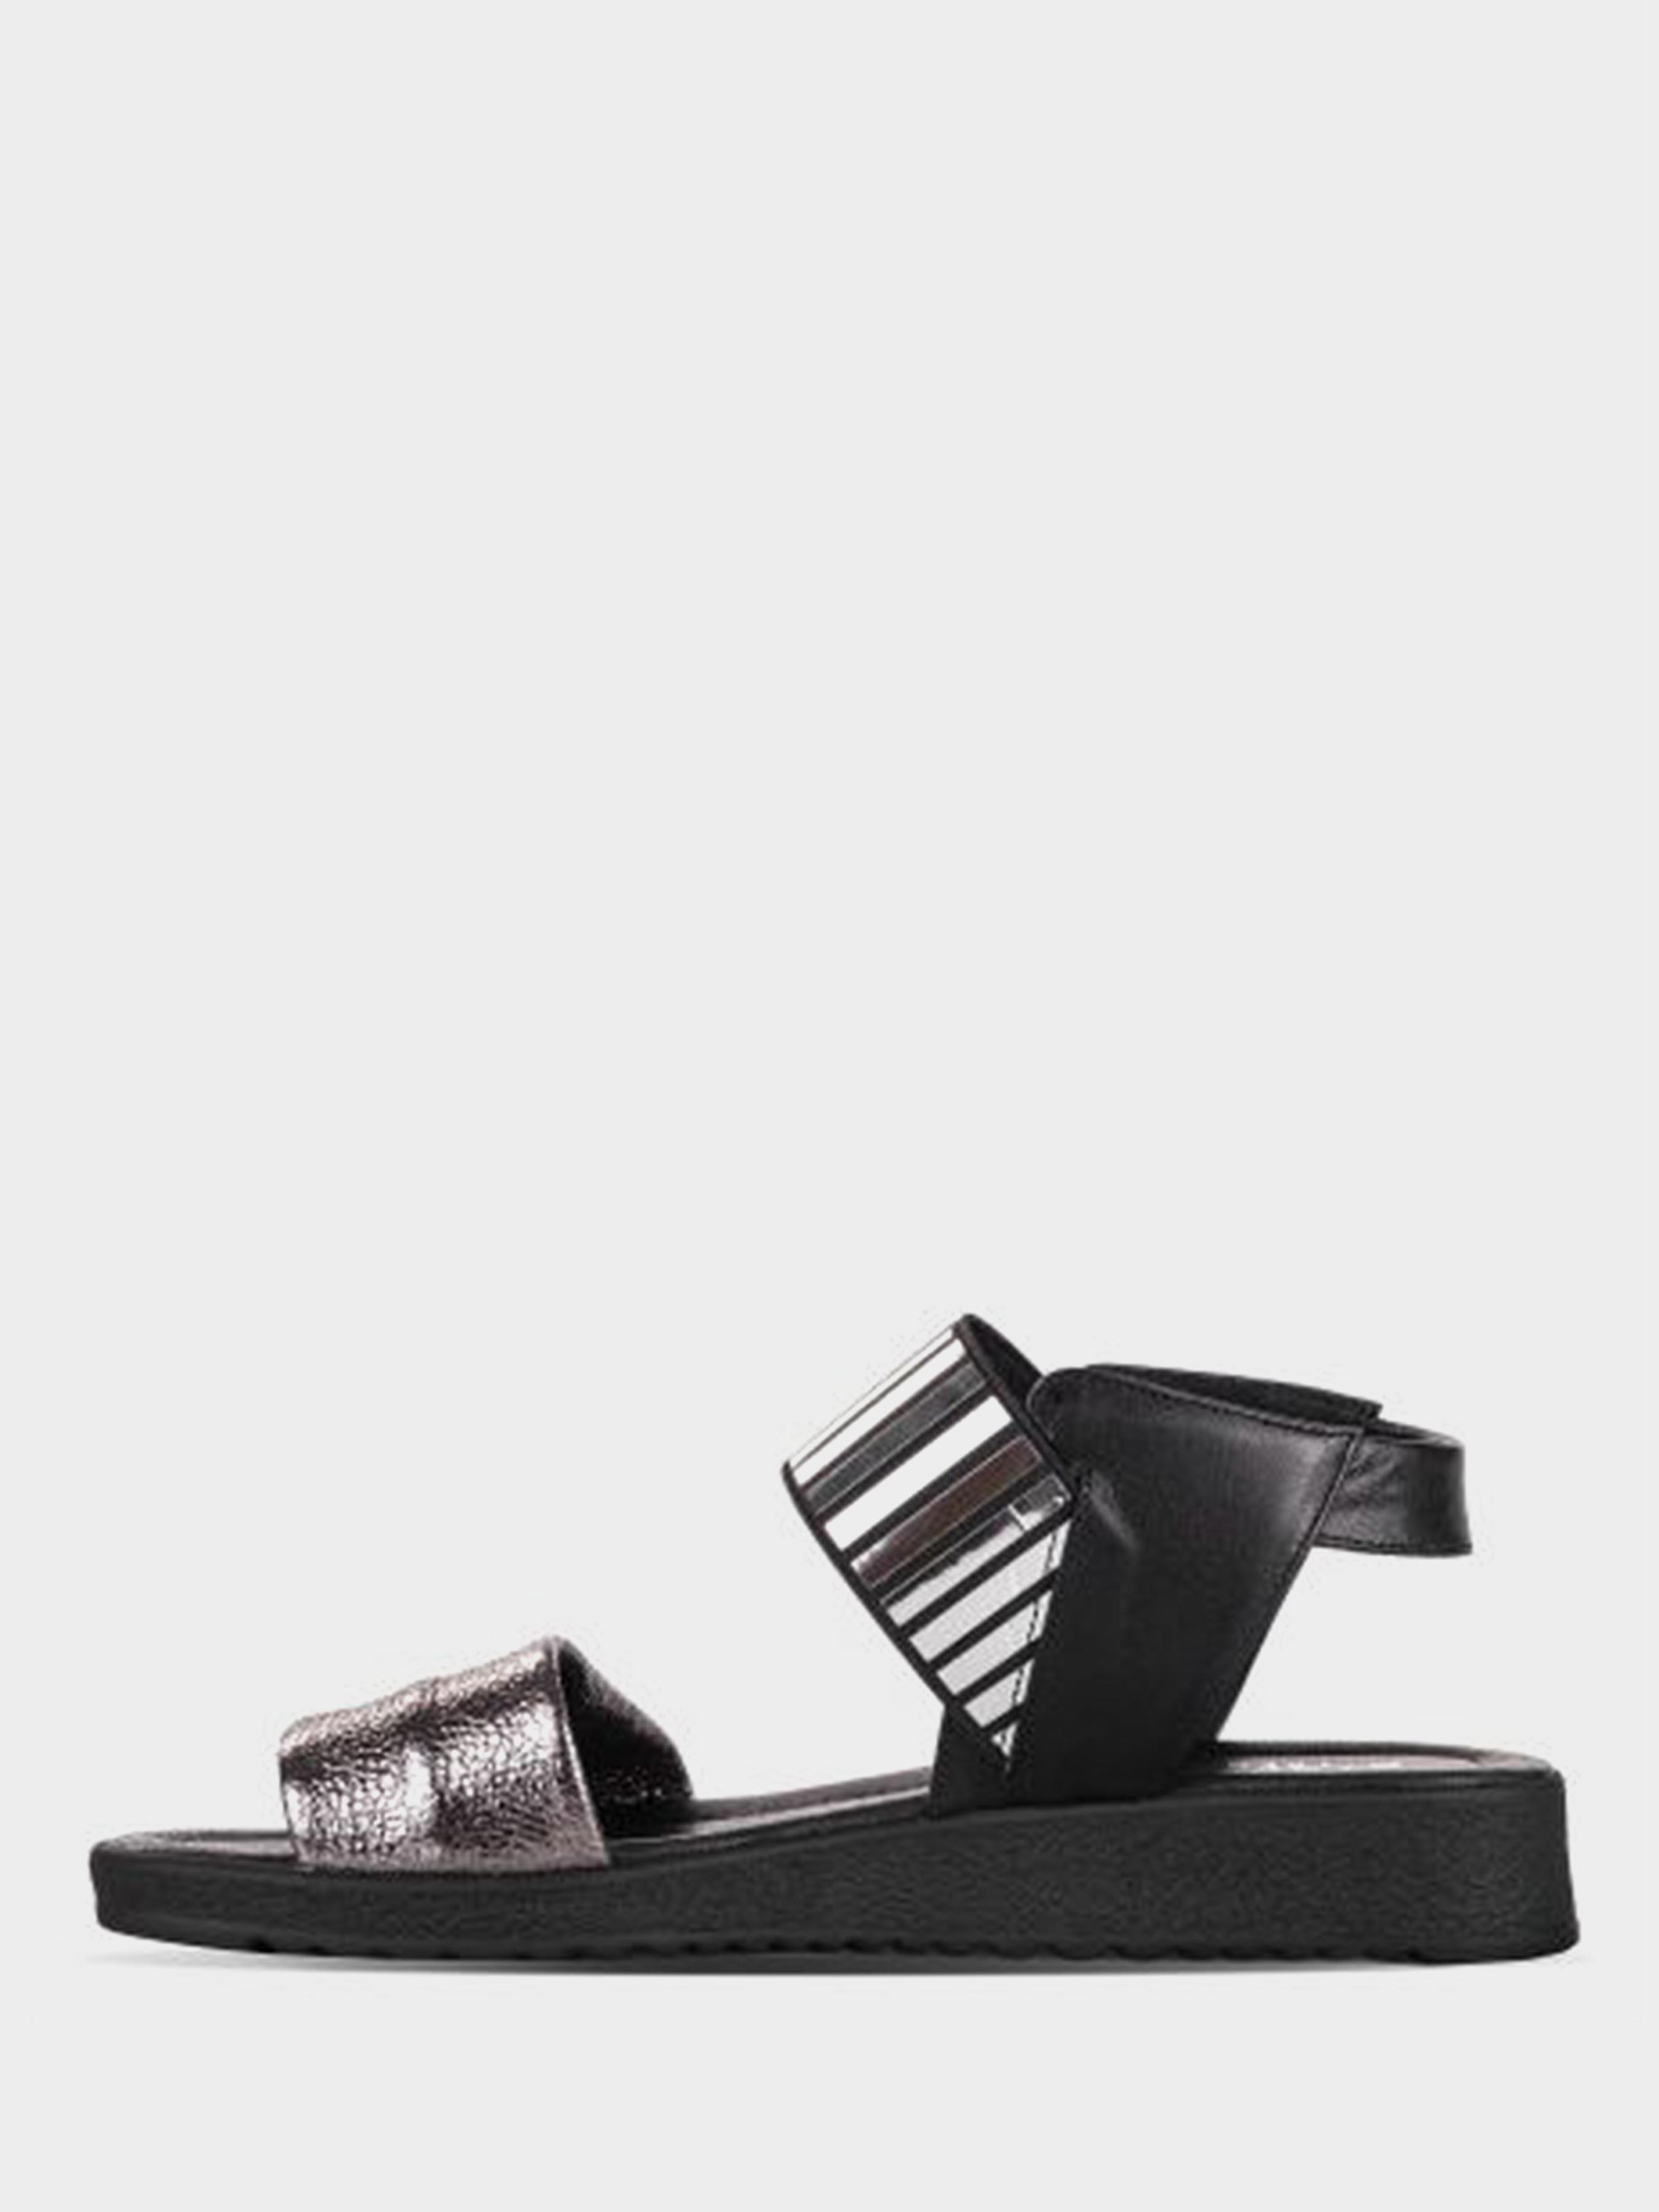 Сандалии для женщин Стептер 9K57 размерная сетка обуви, 2017